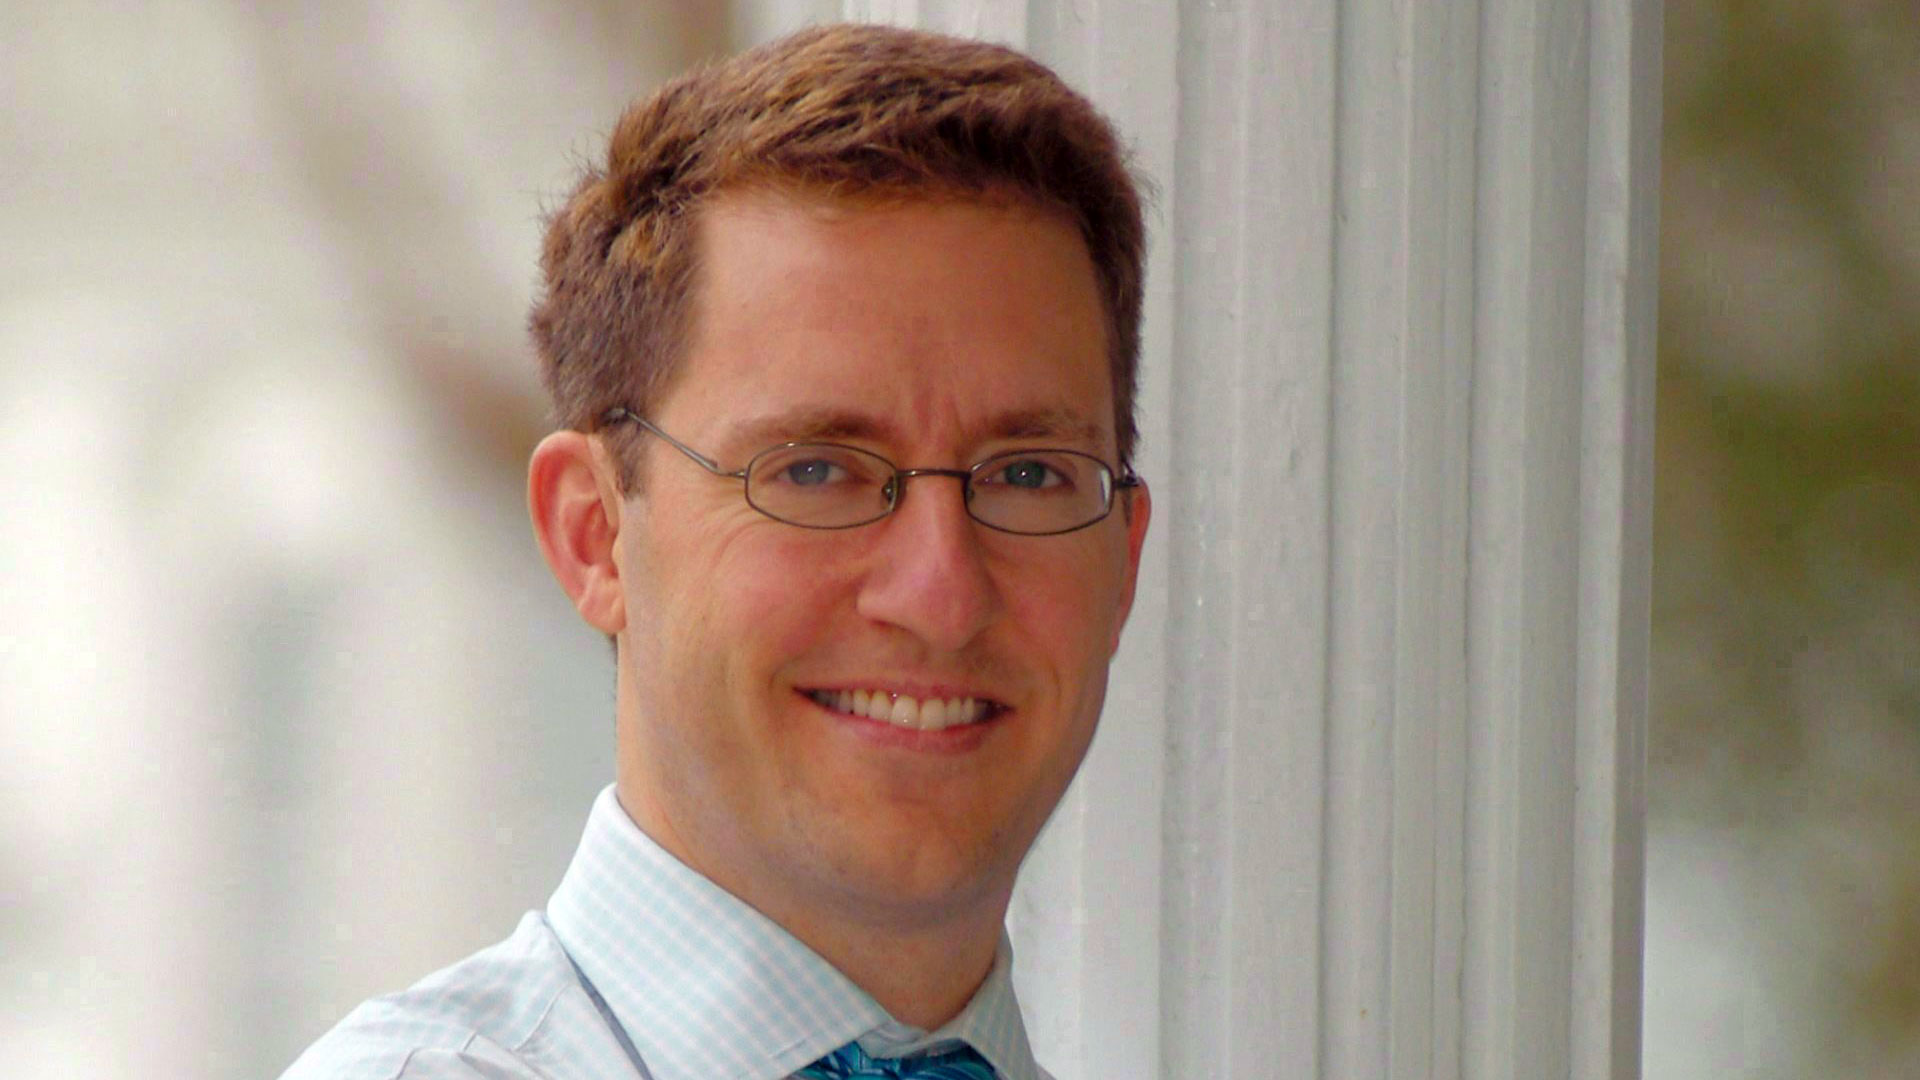 Suspect in killing of slain law professor pleads guilty